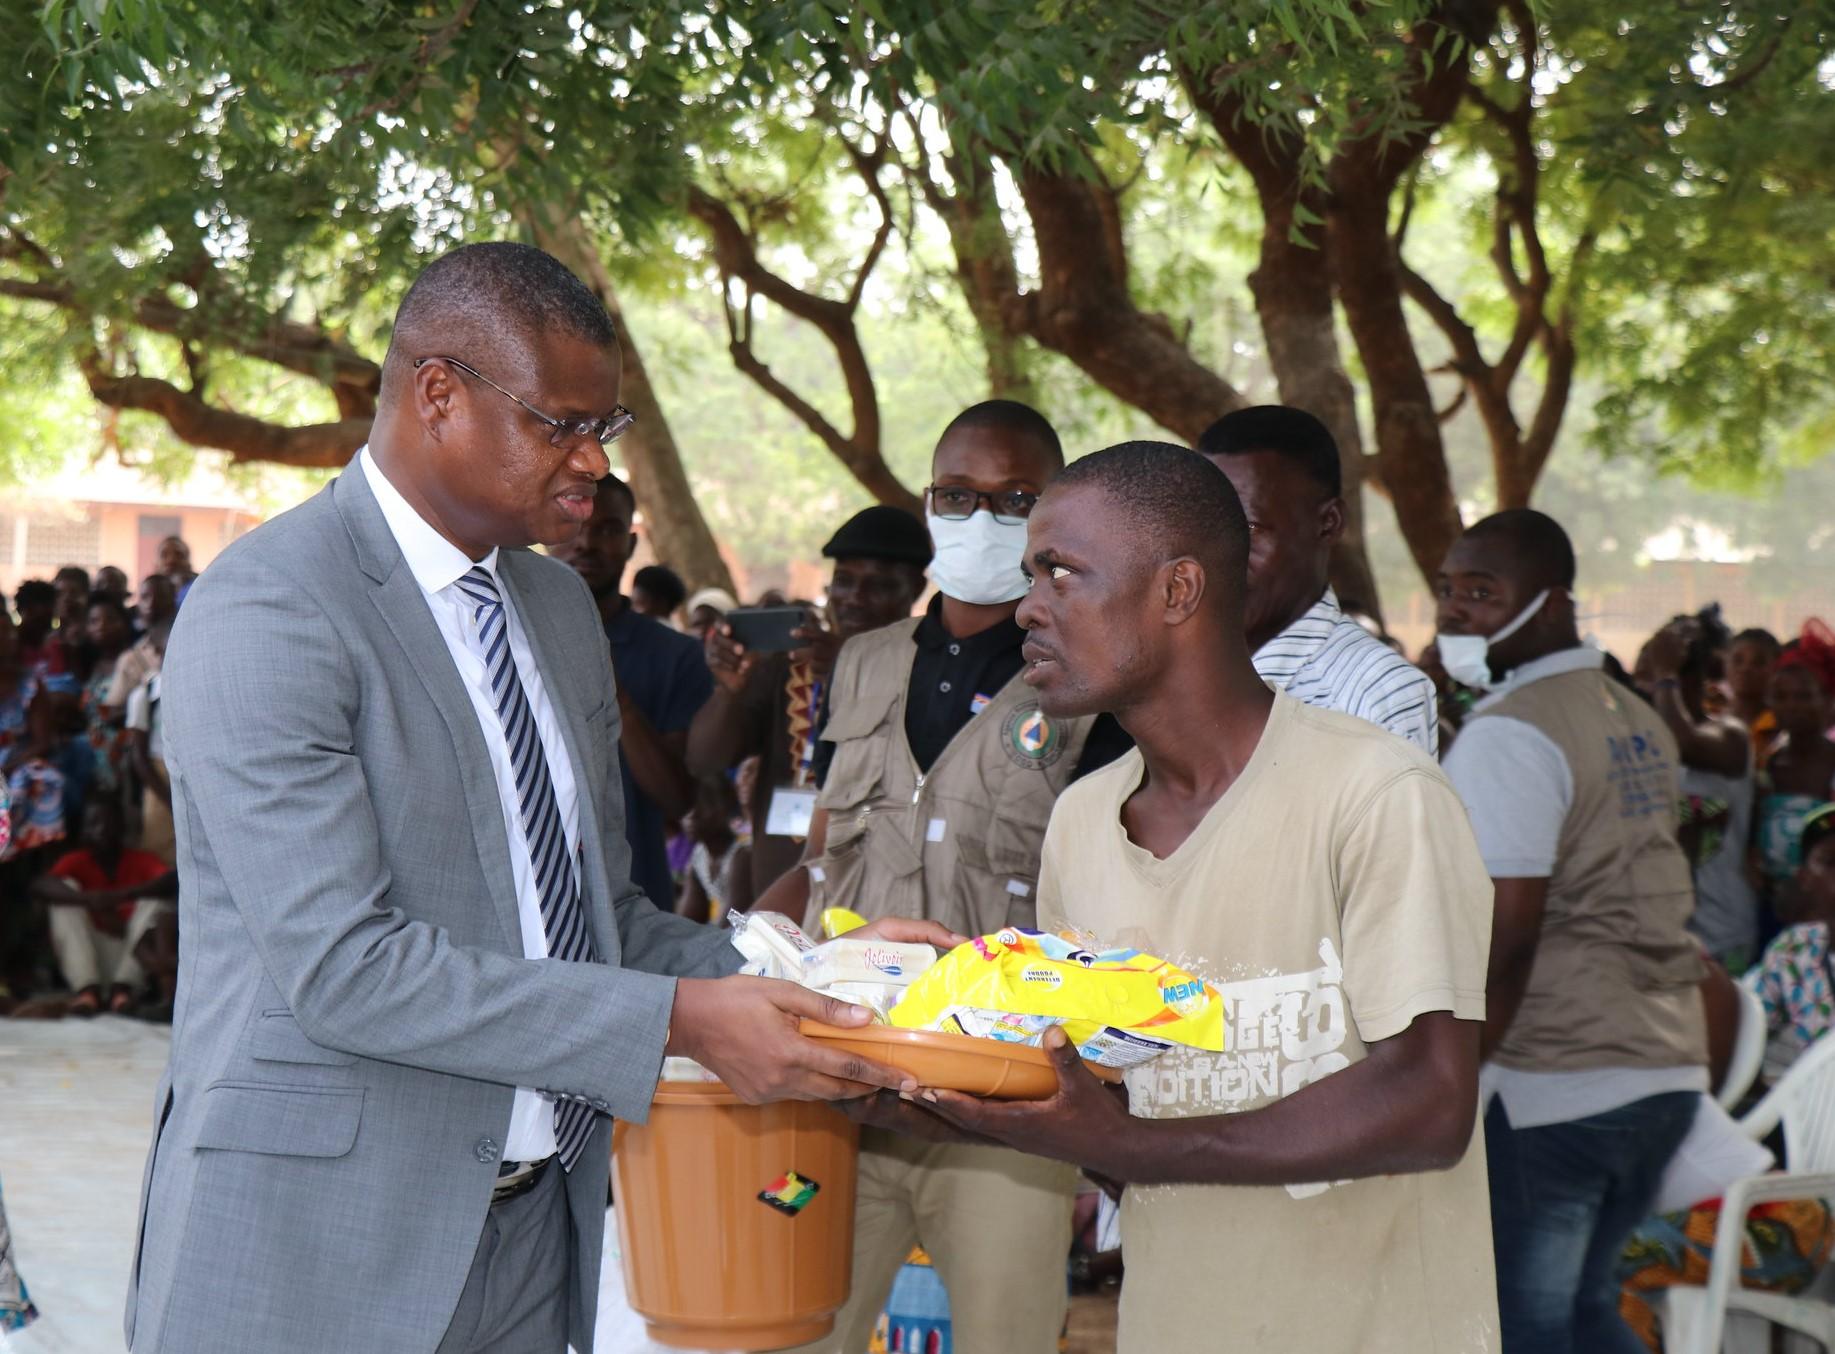 De la parole à l'acte: le geste humanitaire du SNU Togo aux populations sinistrées!